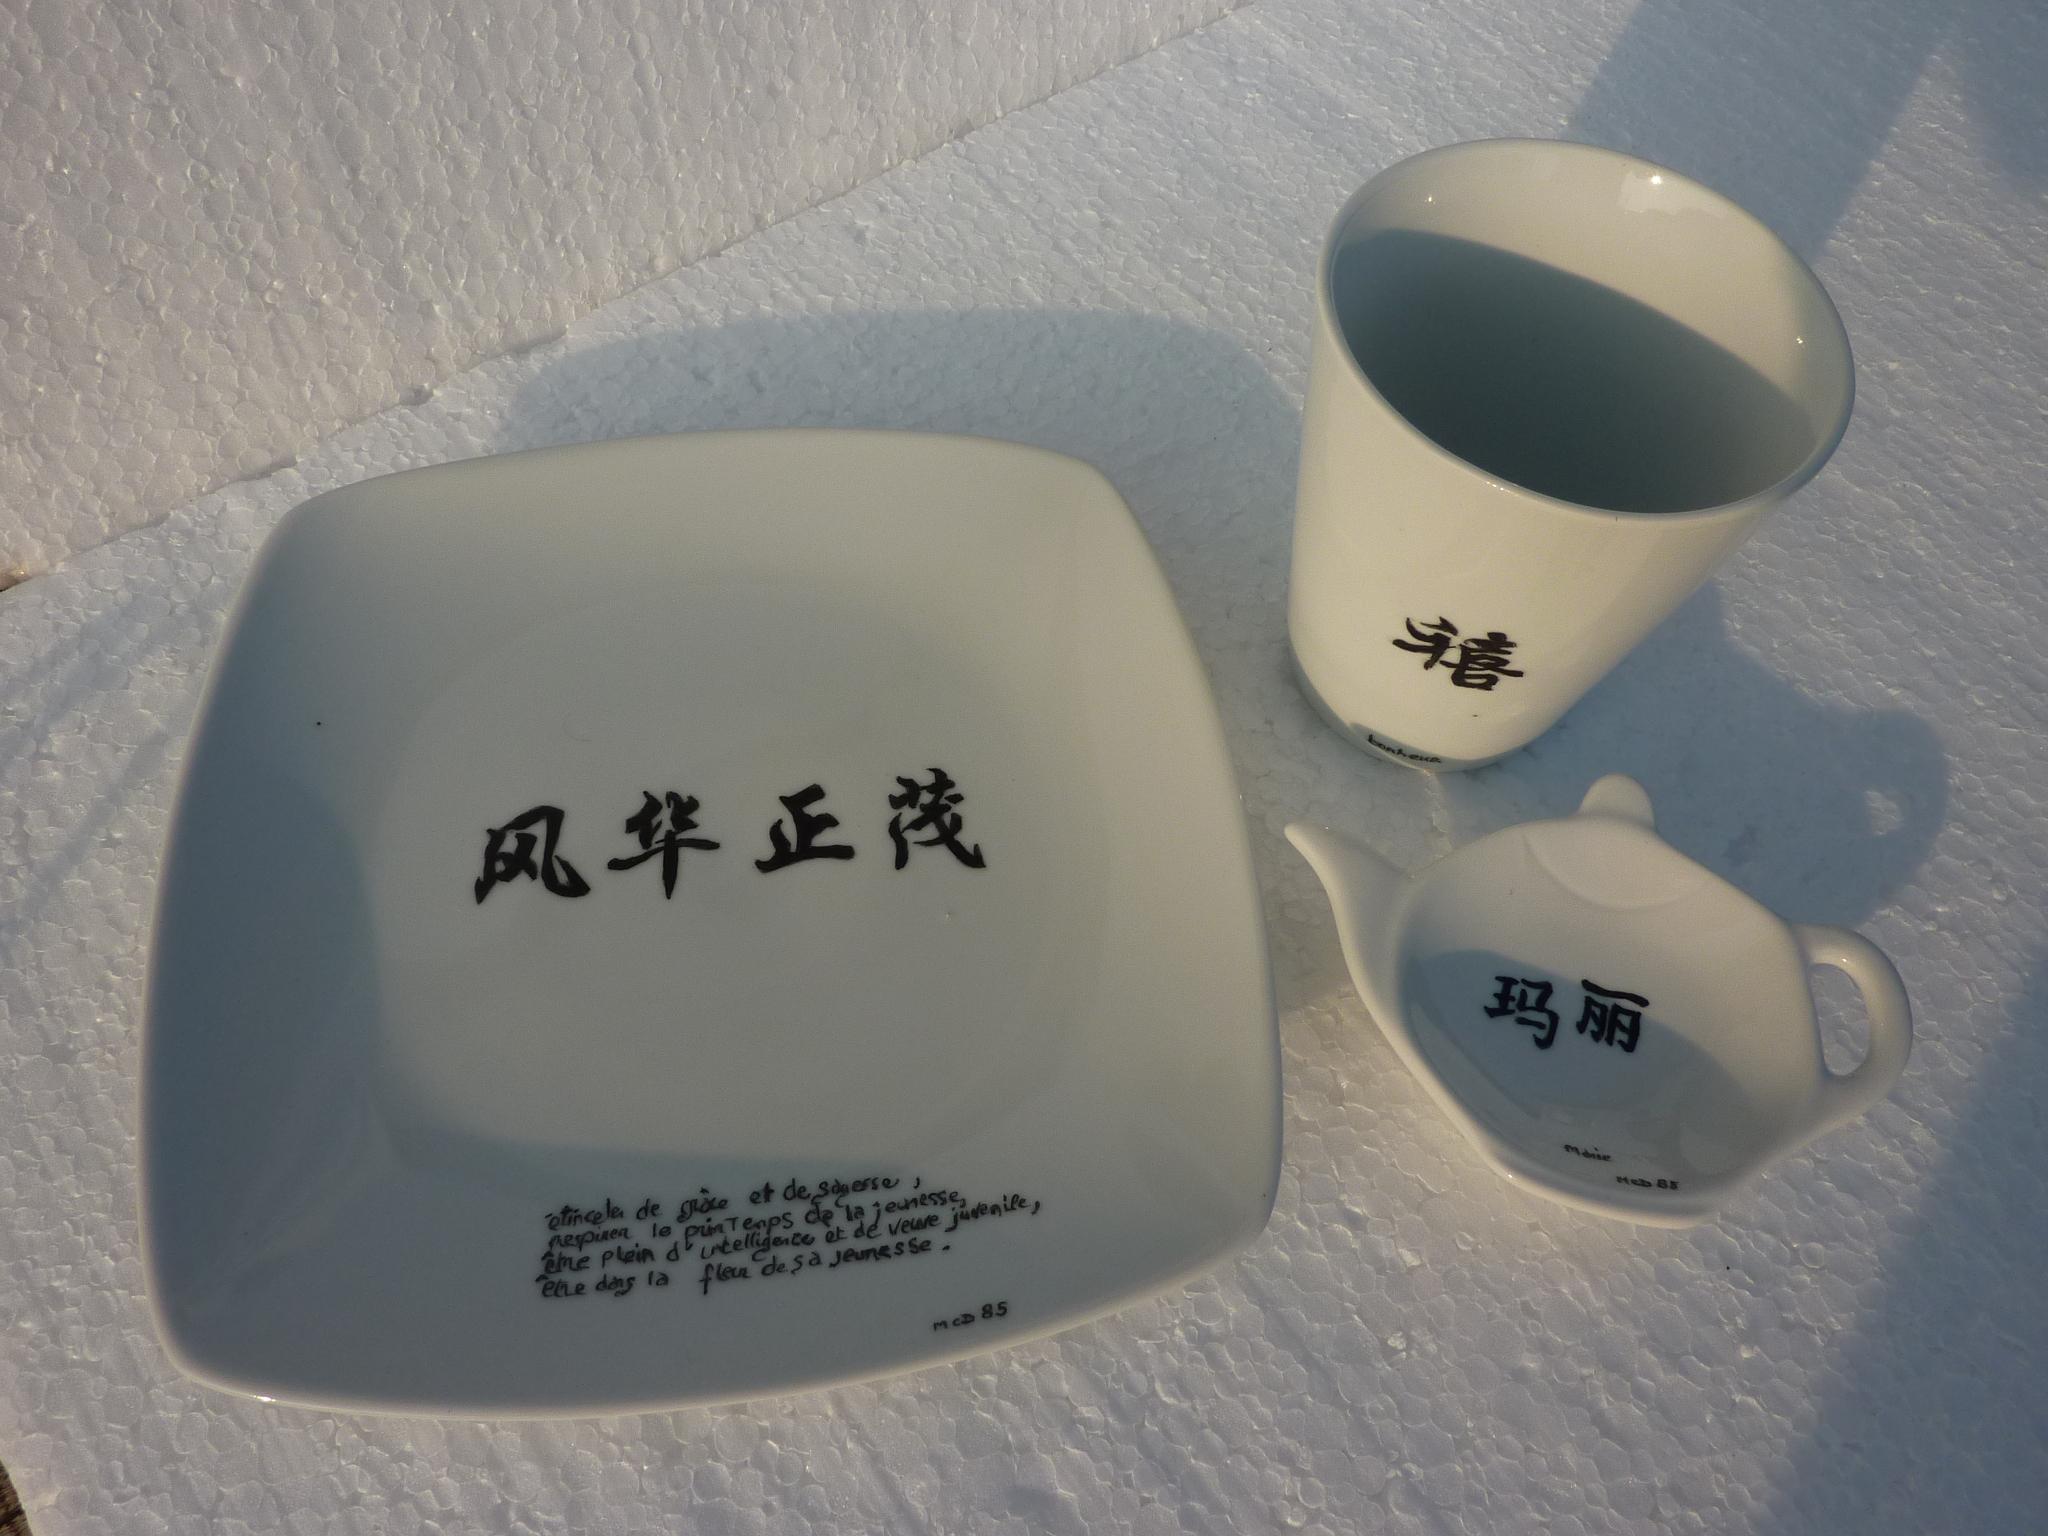 Ensemble de six mugs coniques avec un repose th et une for Service de table chinois